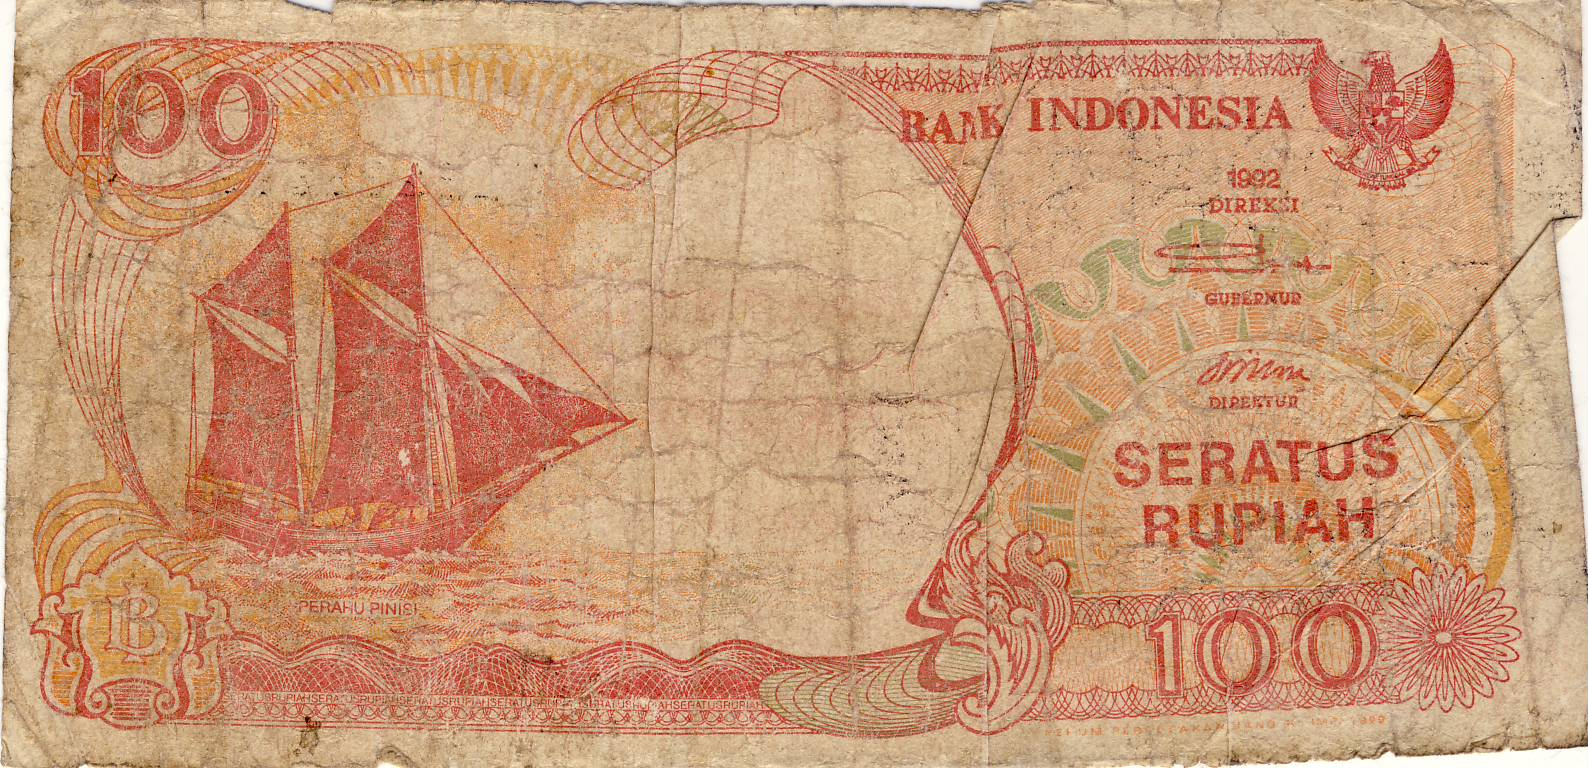 Uang Kertas  Rupiah Bergambar Perahu Pinisi Dan Anak Gunung Krakatau